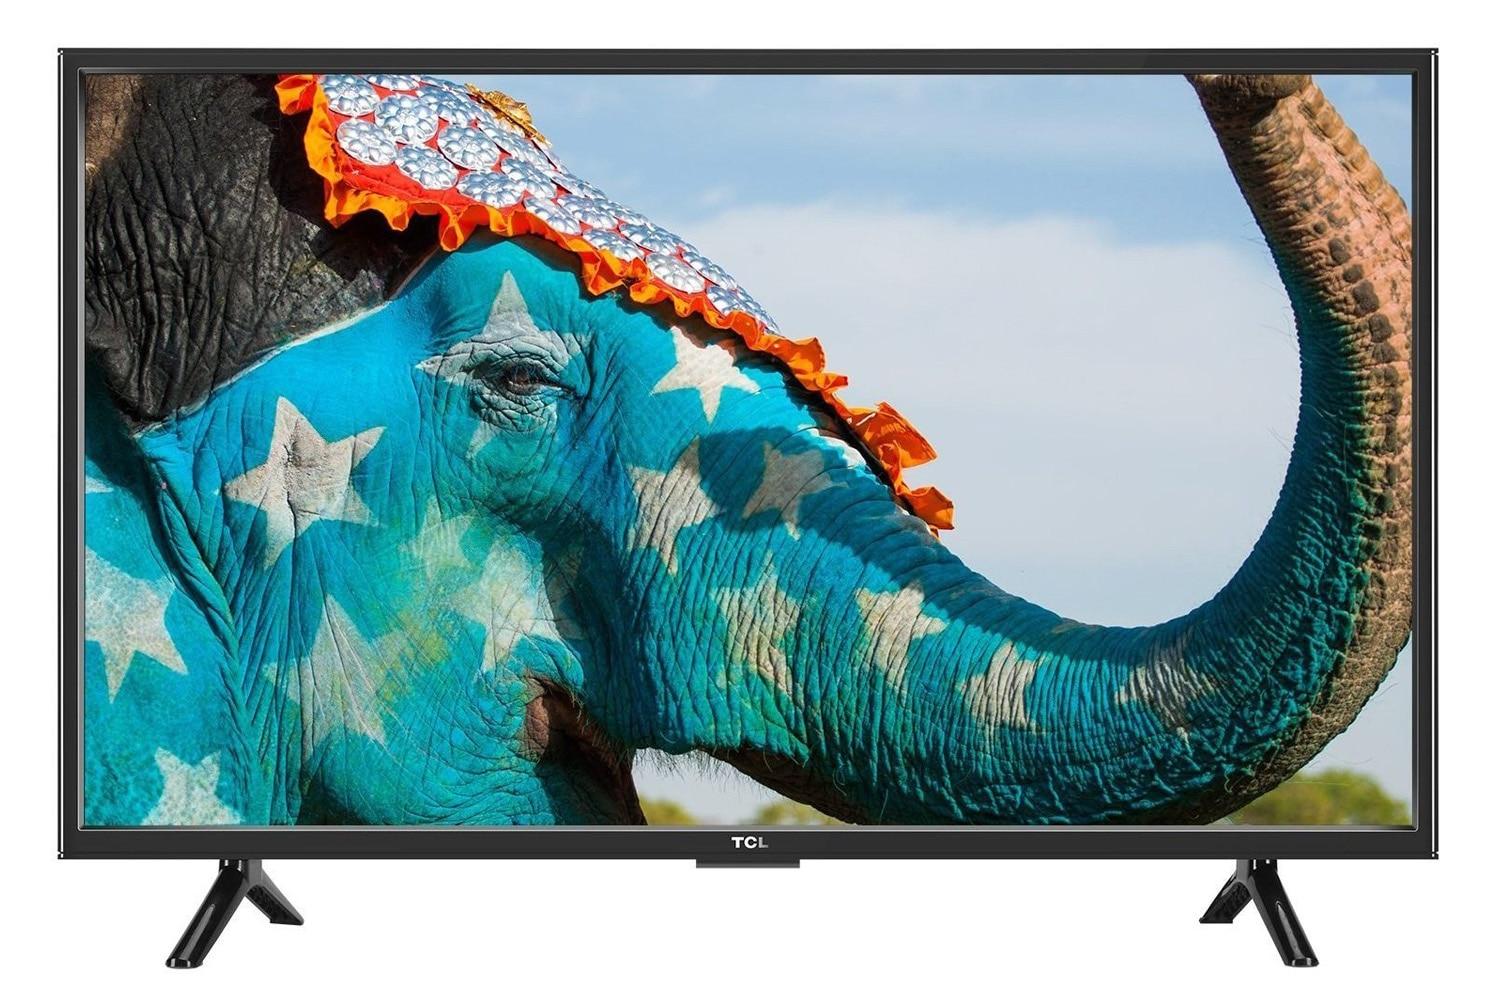 TCL 81.28 cm (32 inch) L32D2900 HD Ready LED TV